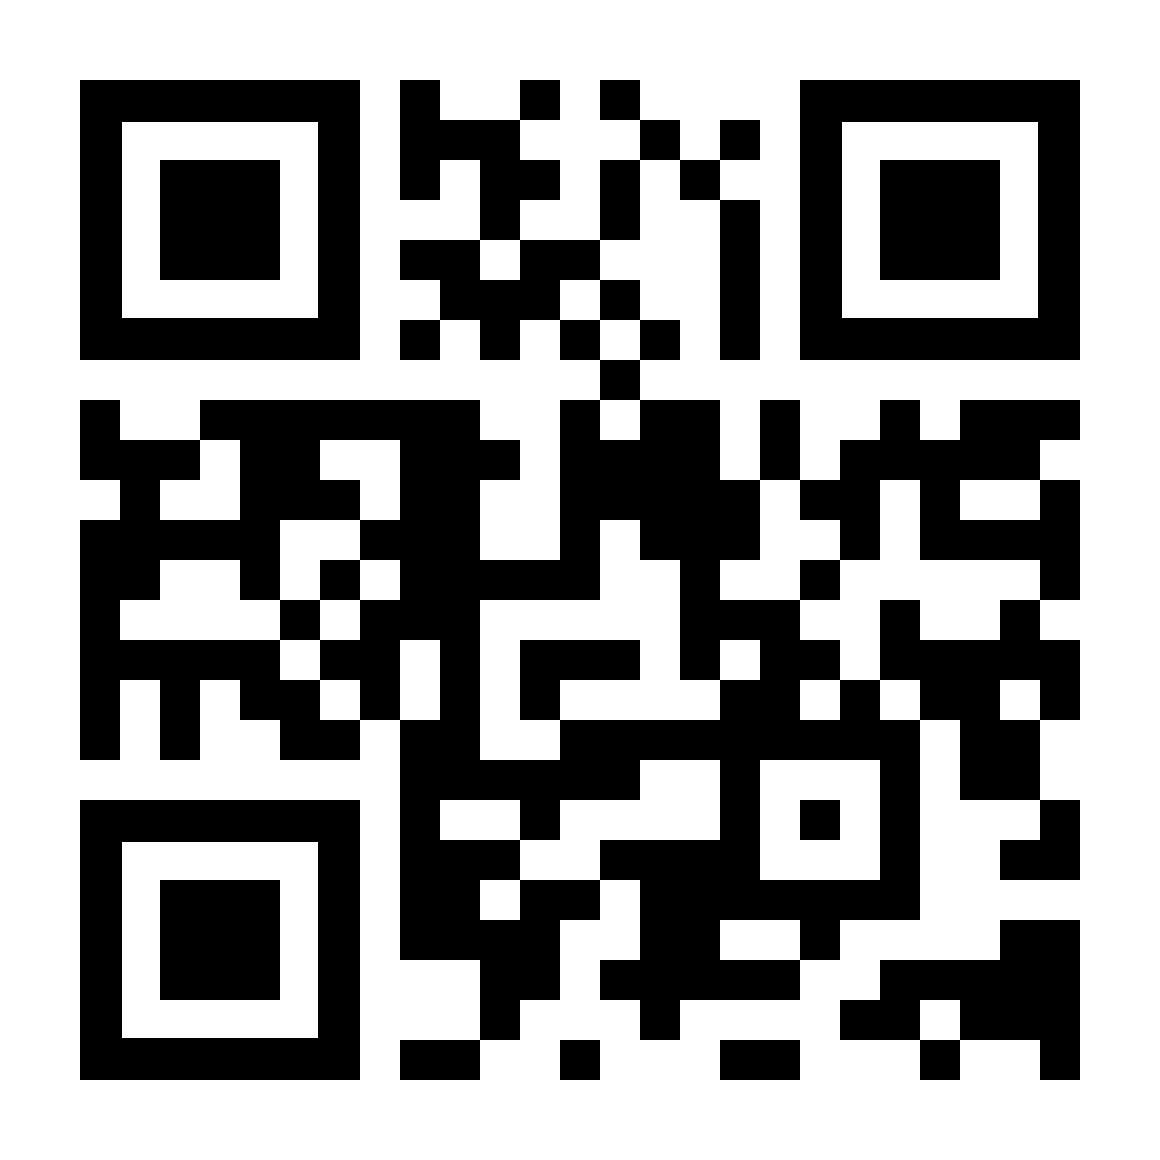 链接到 kaspersky.com 的二维码